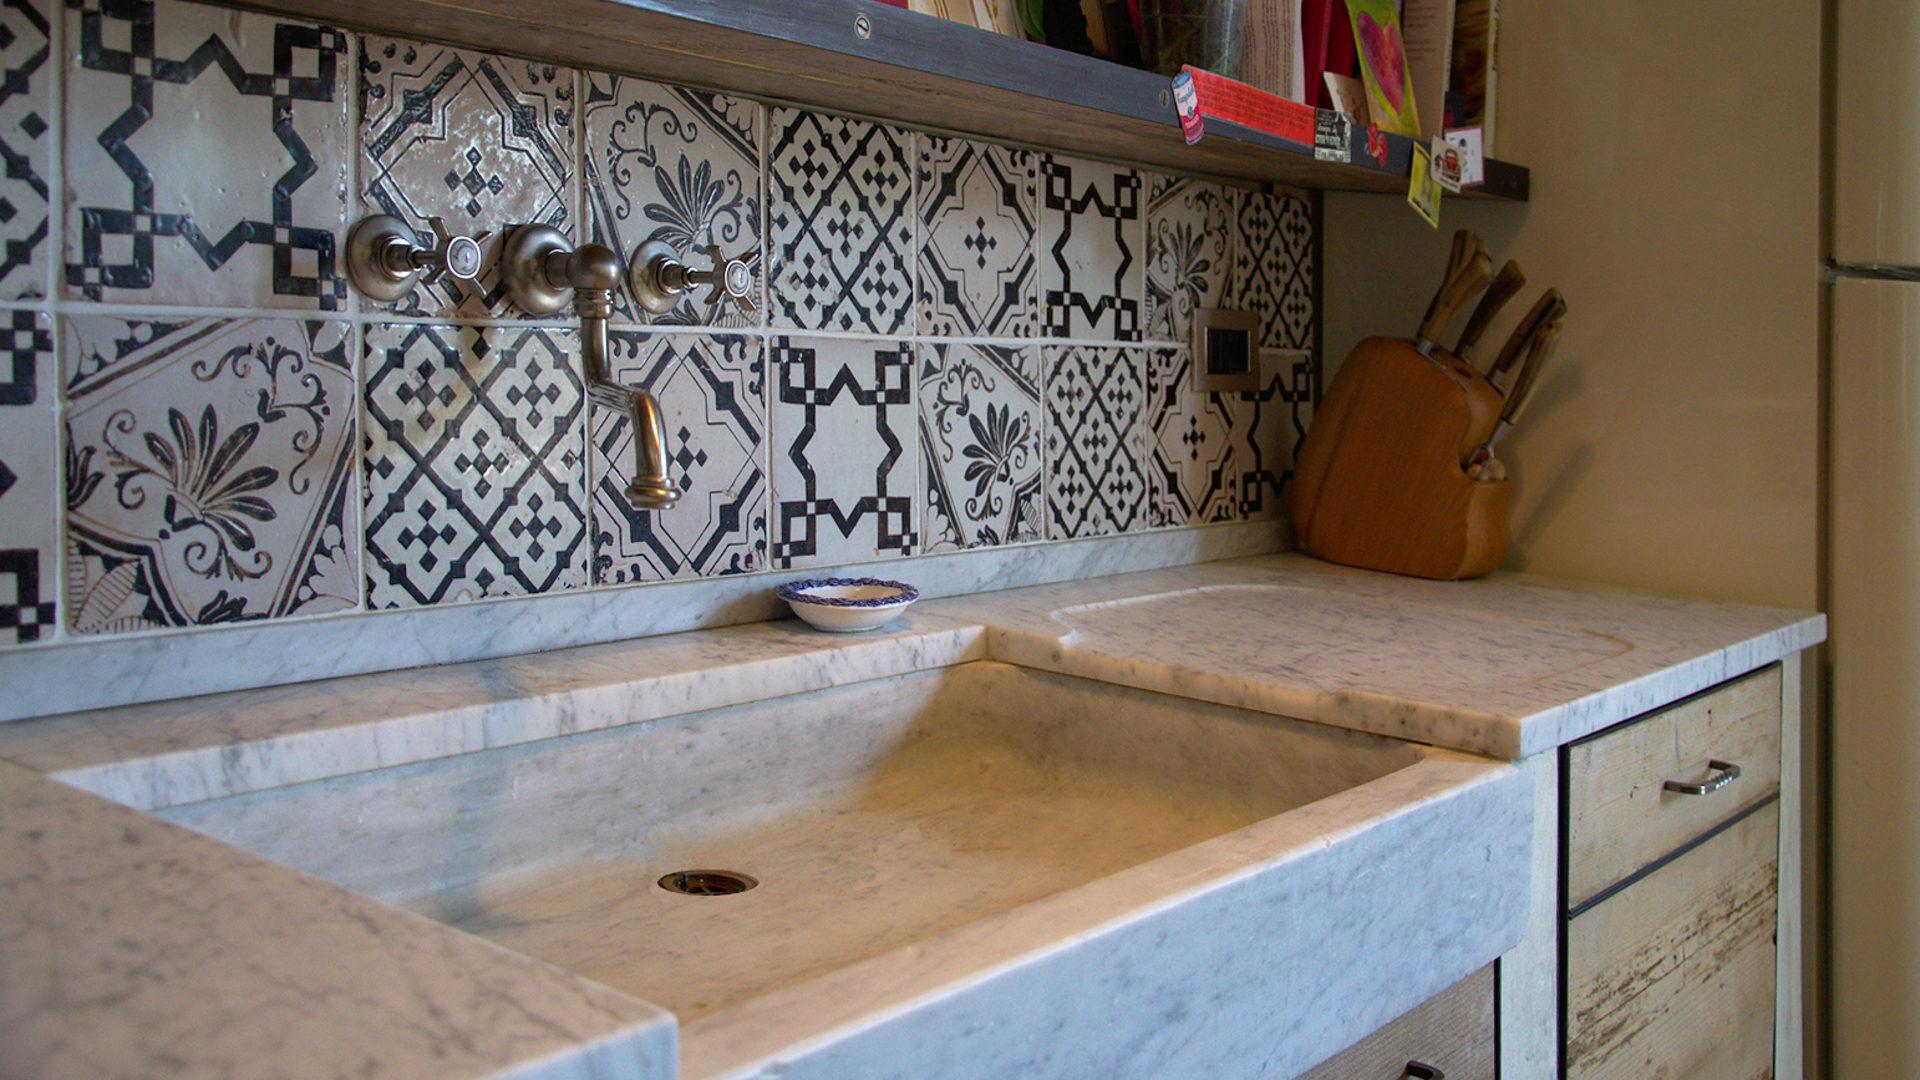 Full Size of Splbecken Stein Naturstein Travertin Led Panel Küche Aluminium Verbundplatte Sideboard Mit Arbeitsplatte Billige Selbst Zusammenstellen Einhebelmischer Holz Wohnzimmer Waschbecken Küche Weiß